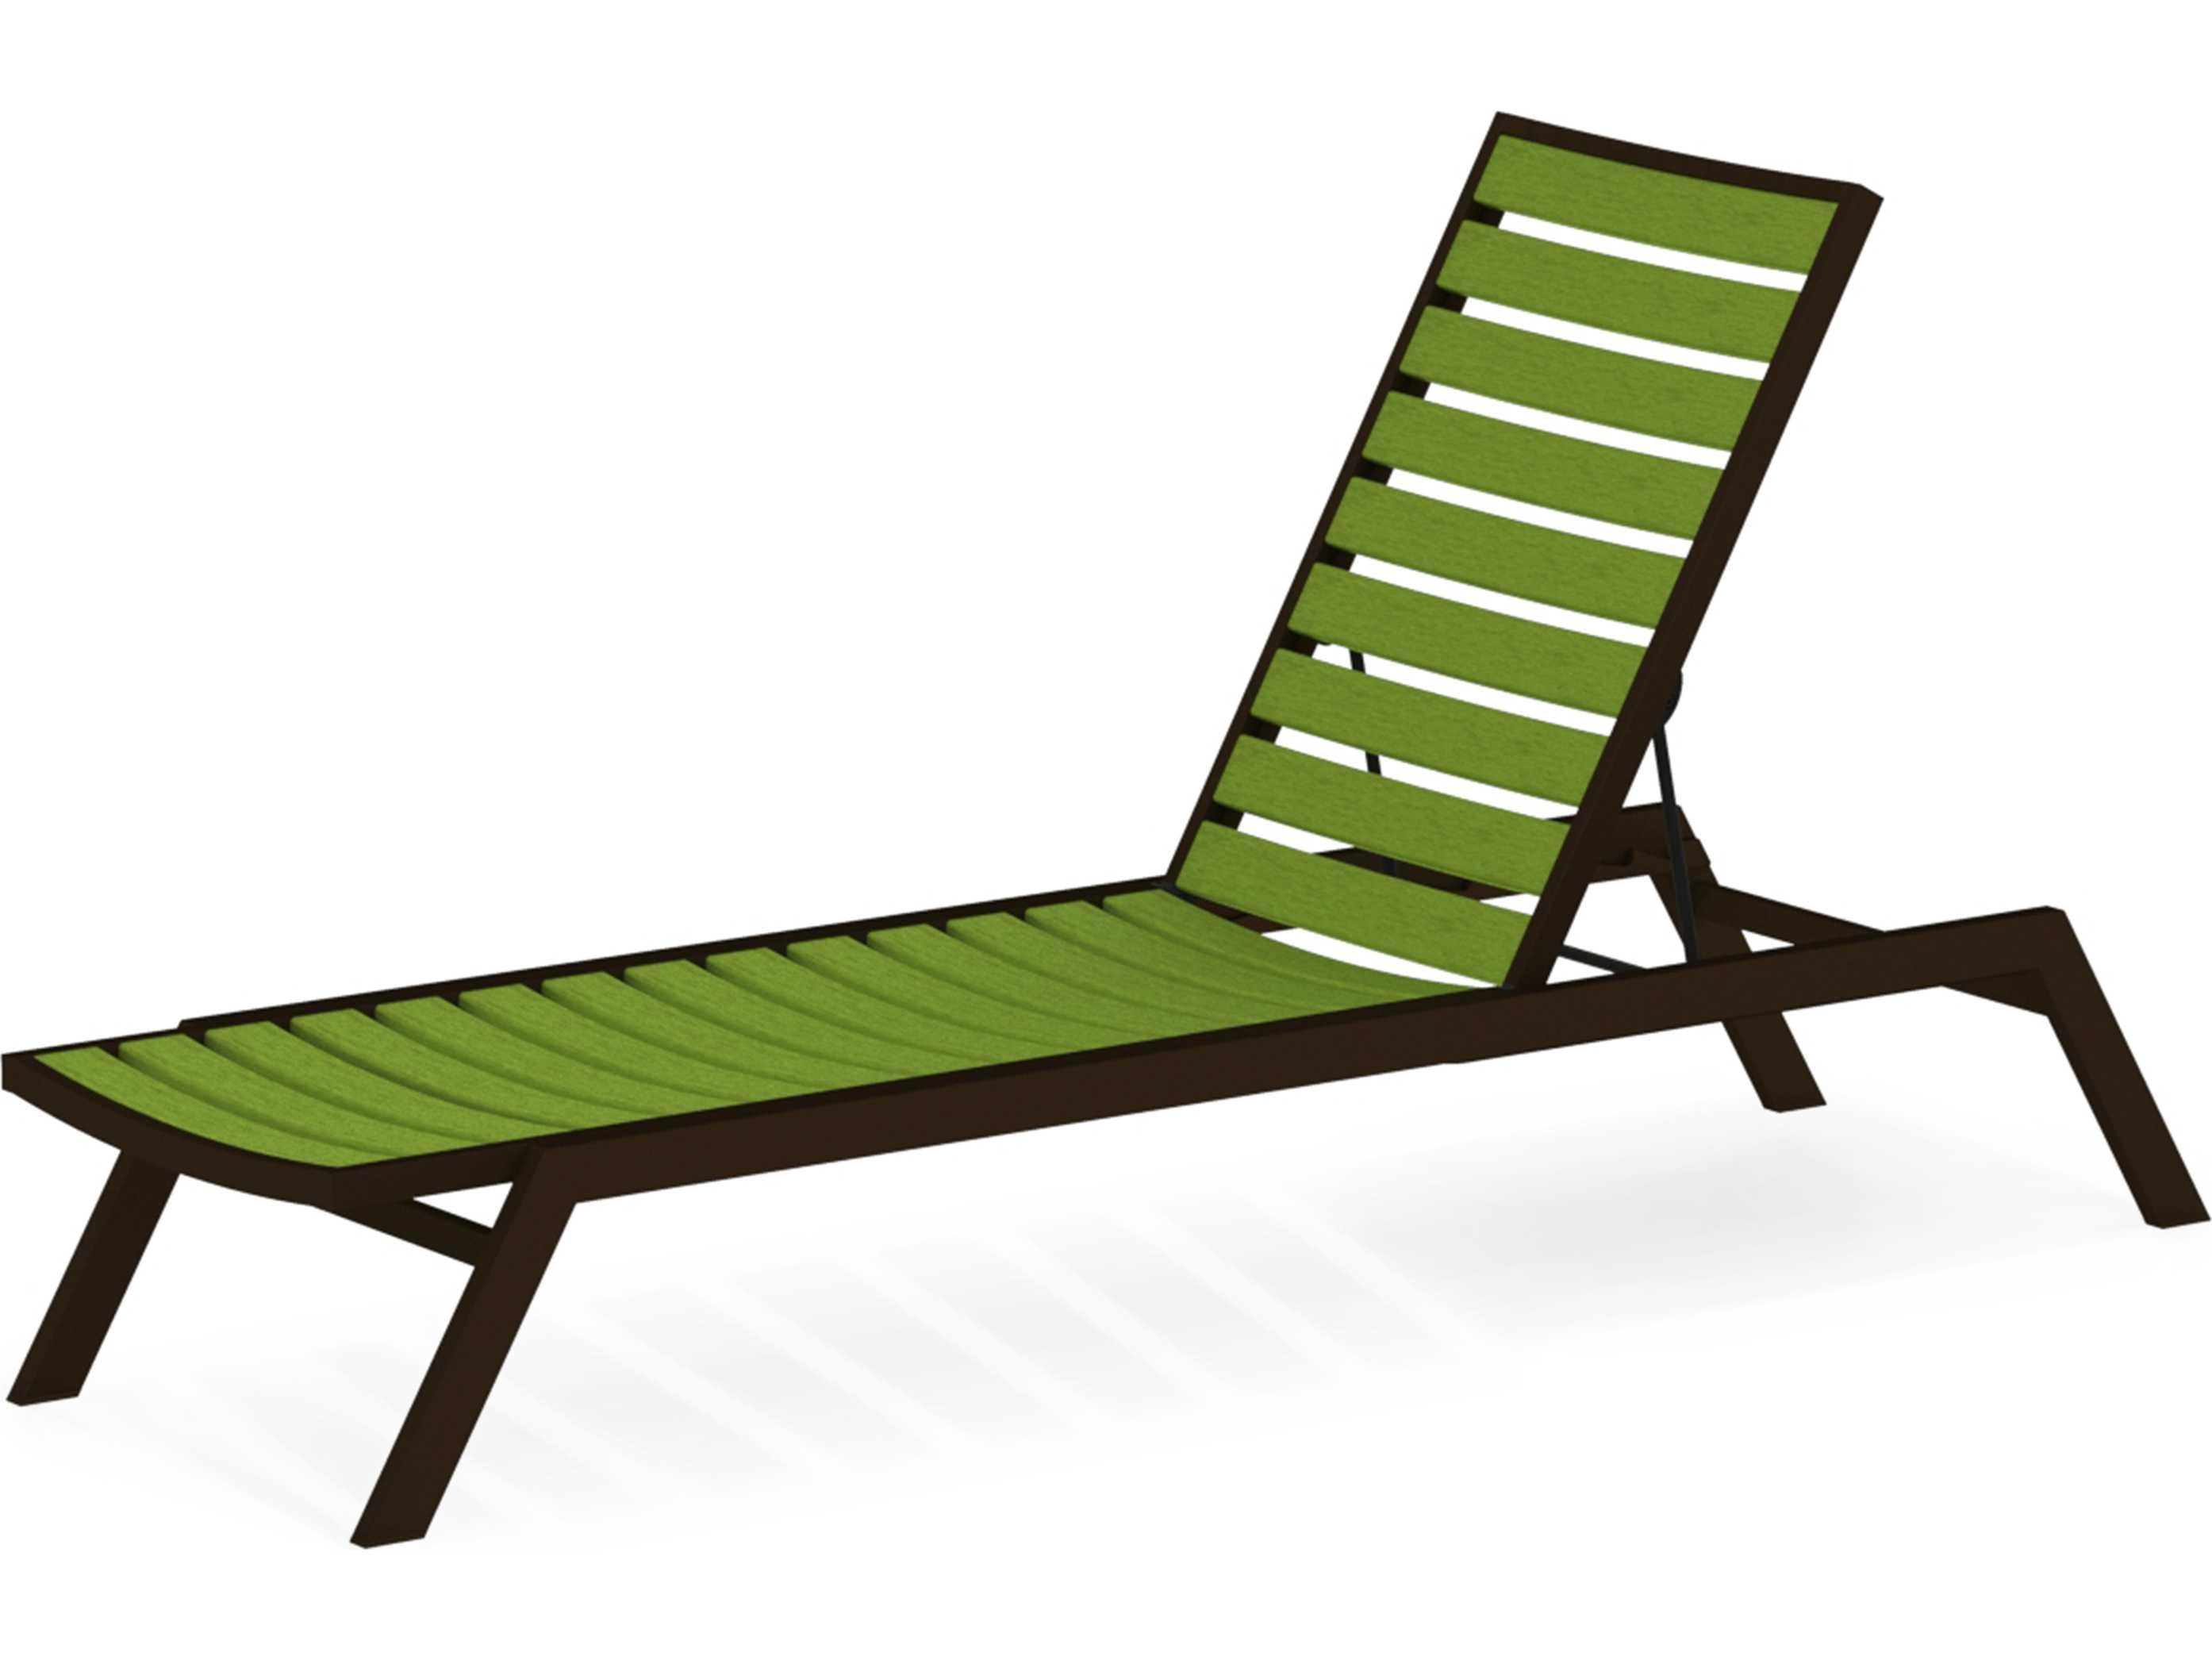 Polywood metro aluminum adjustable chaise lounge pwac120 - Chaise longue aluminium ...